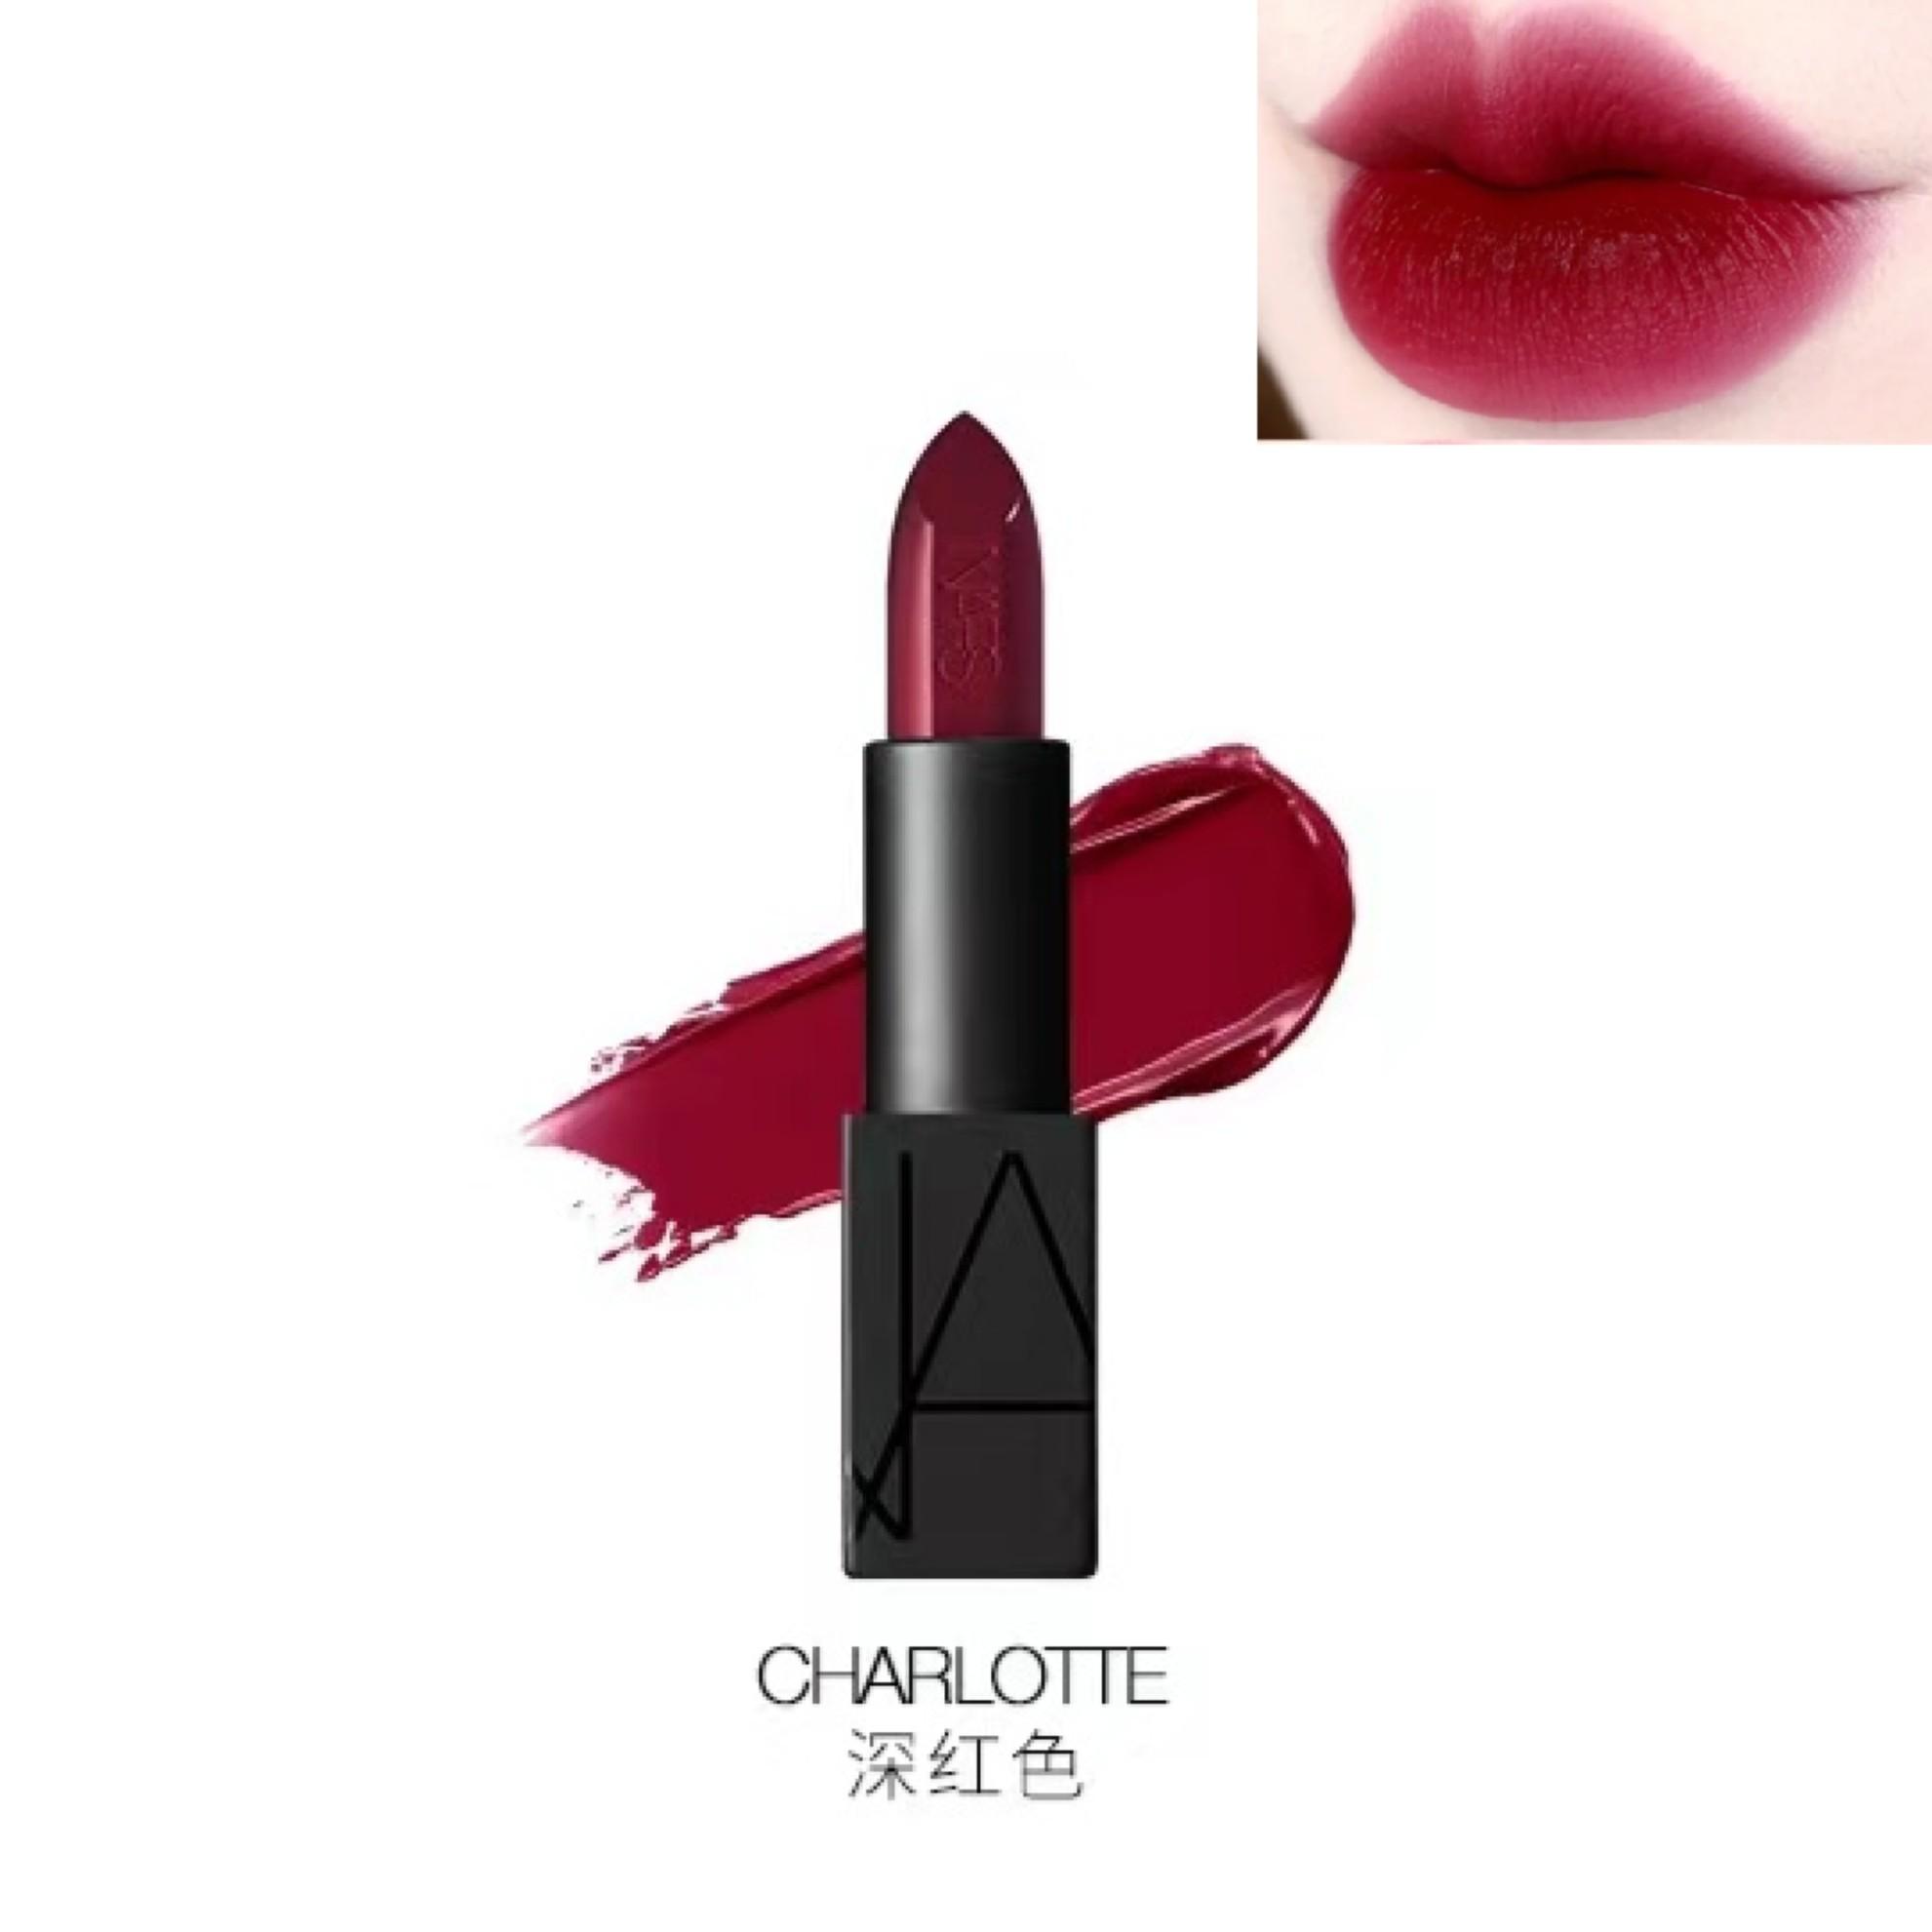 NARS 纳斯 黑管唇膏 #CHARLOTTE 深红色 4.2g